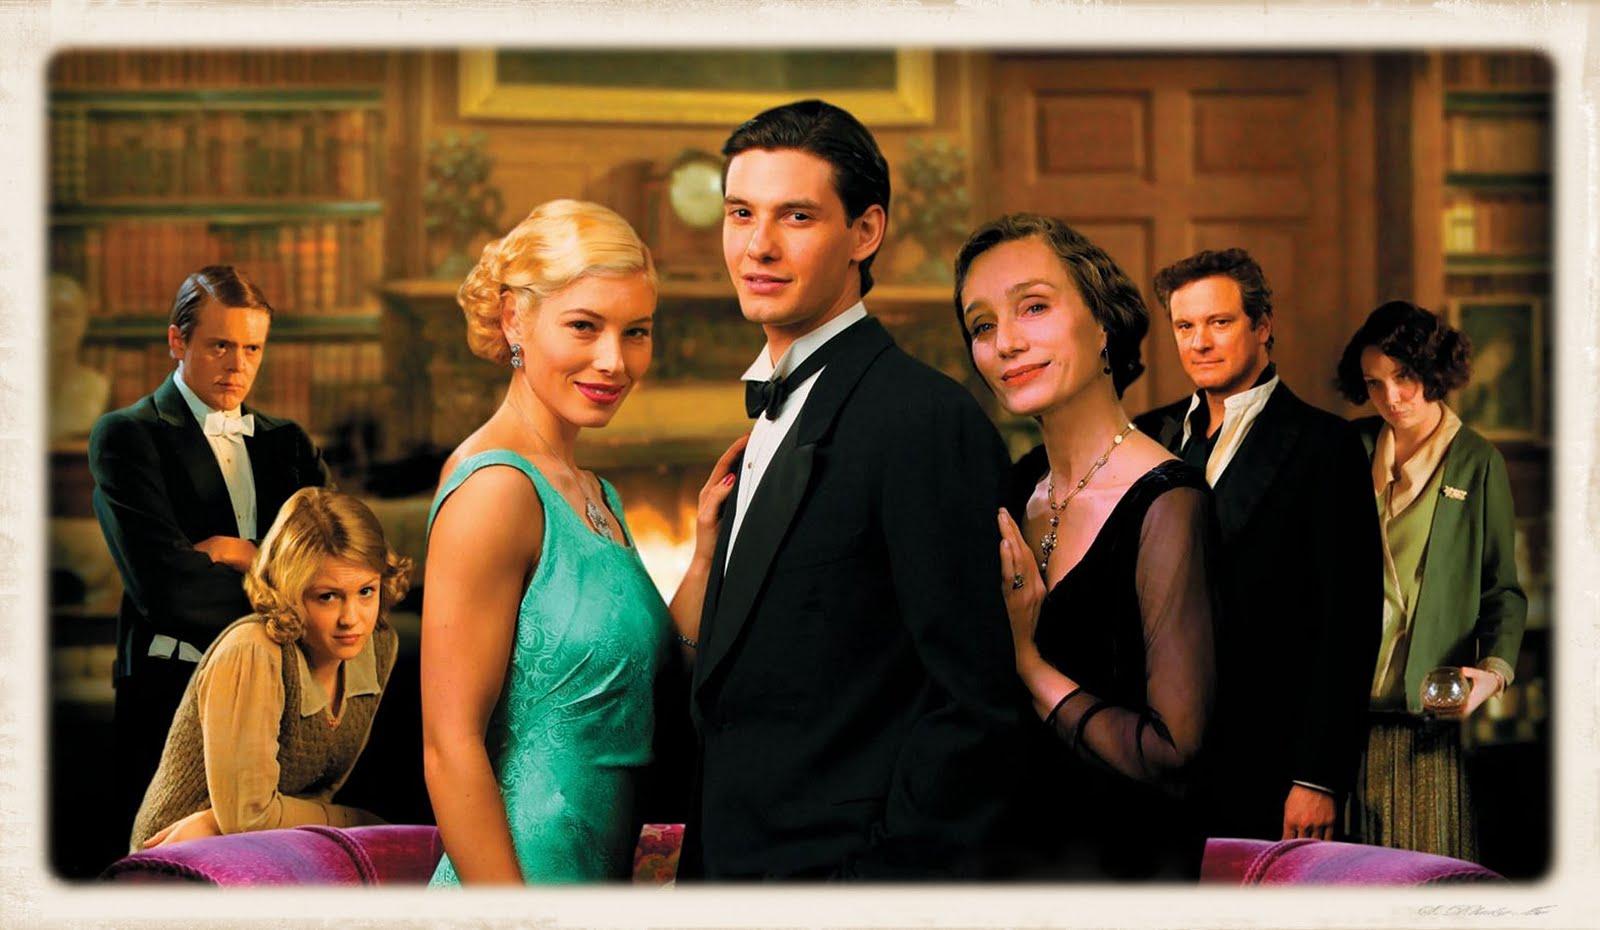 http://4.bp.blogspot.com/-WSaouZOKHVk/TbbsrQ2a4ZI/AAAAAAAALBQ/7NkY10UEcWQ/s1600/easy-virtue-original.jpg